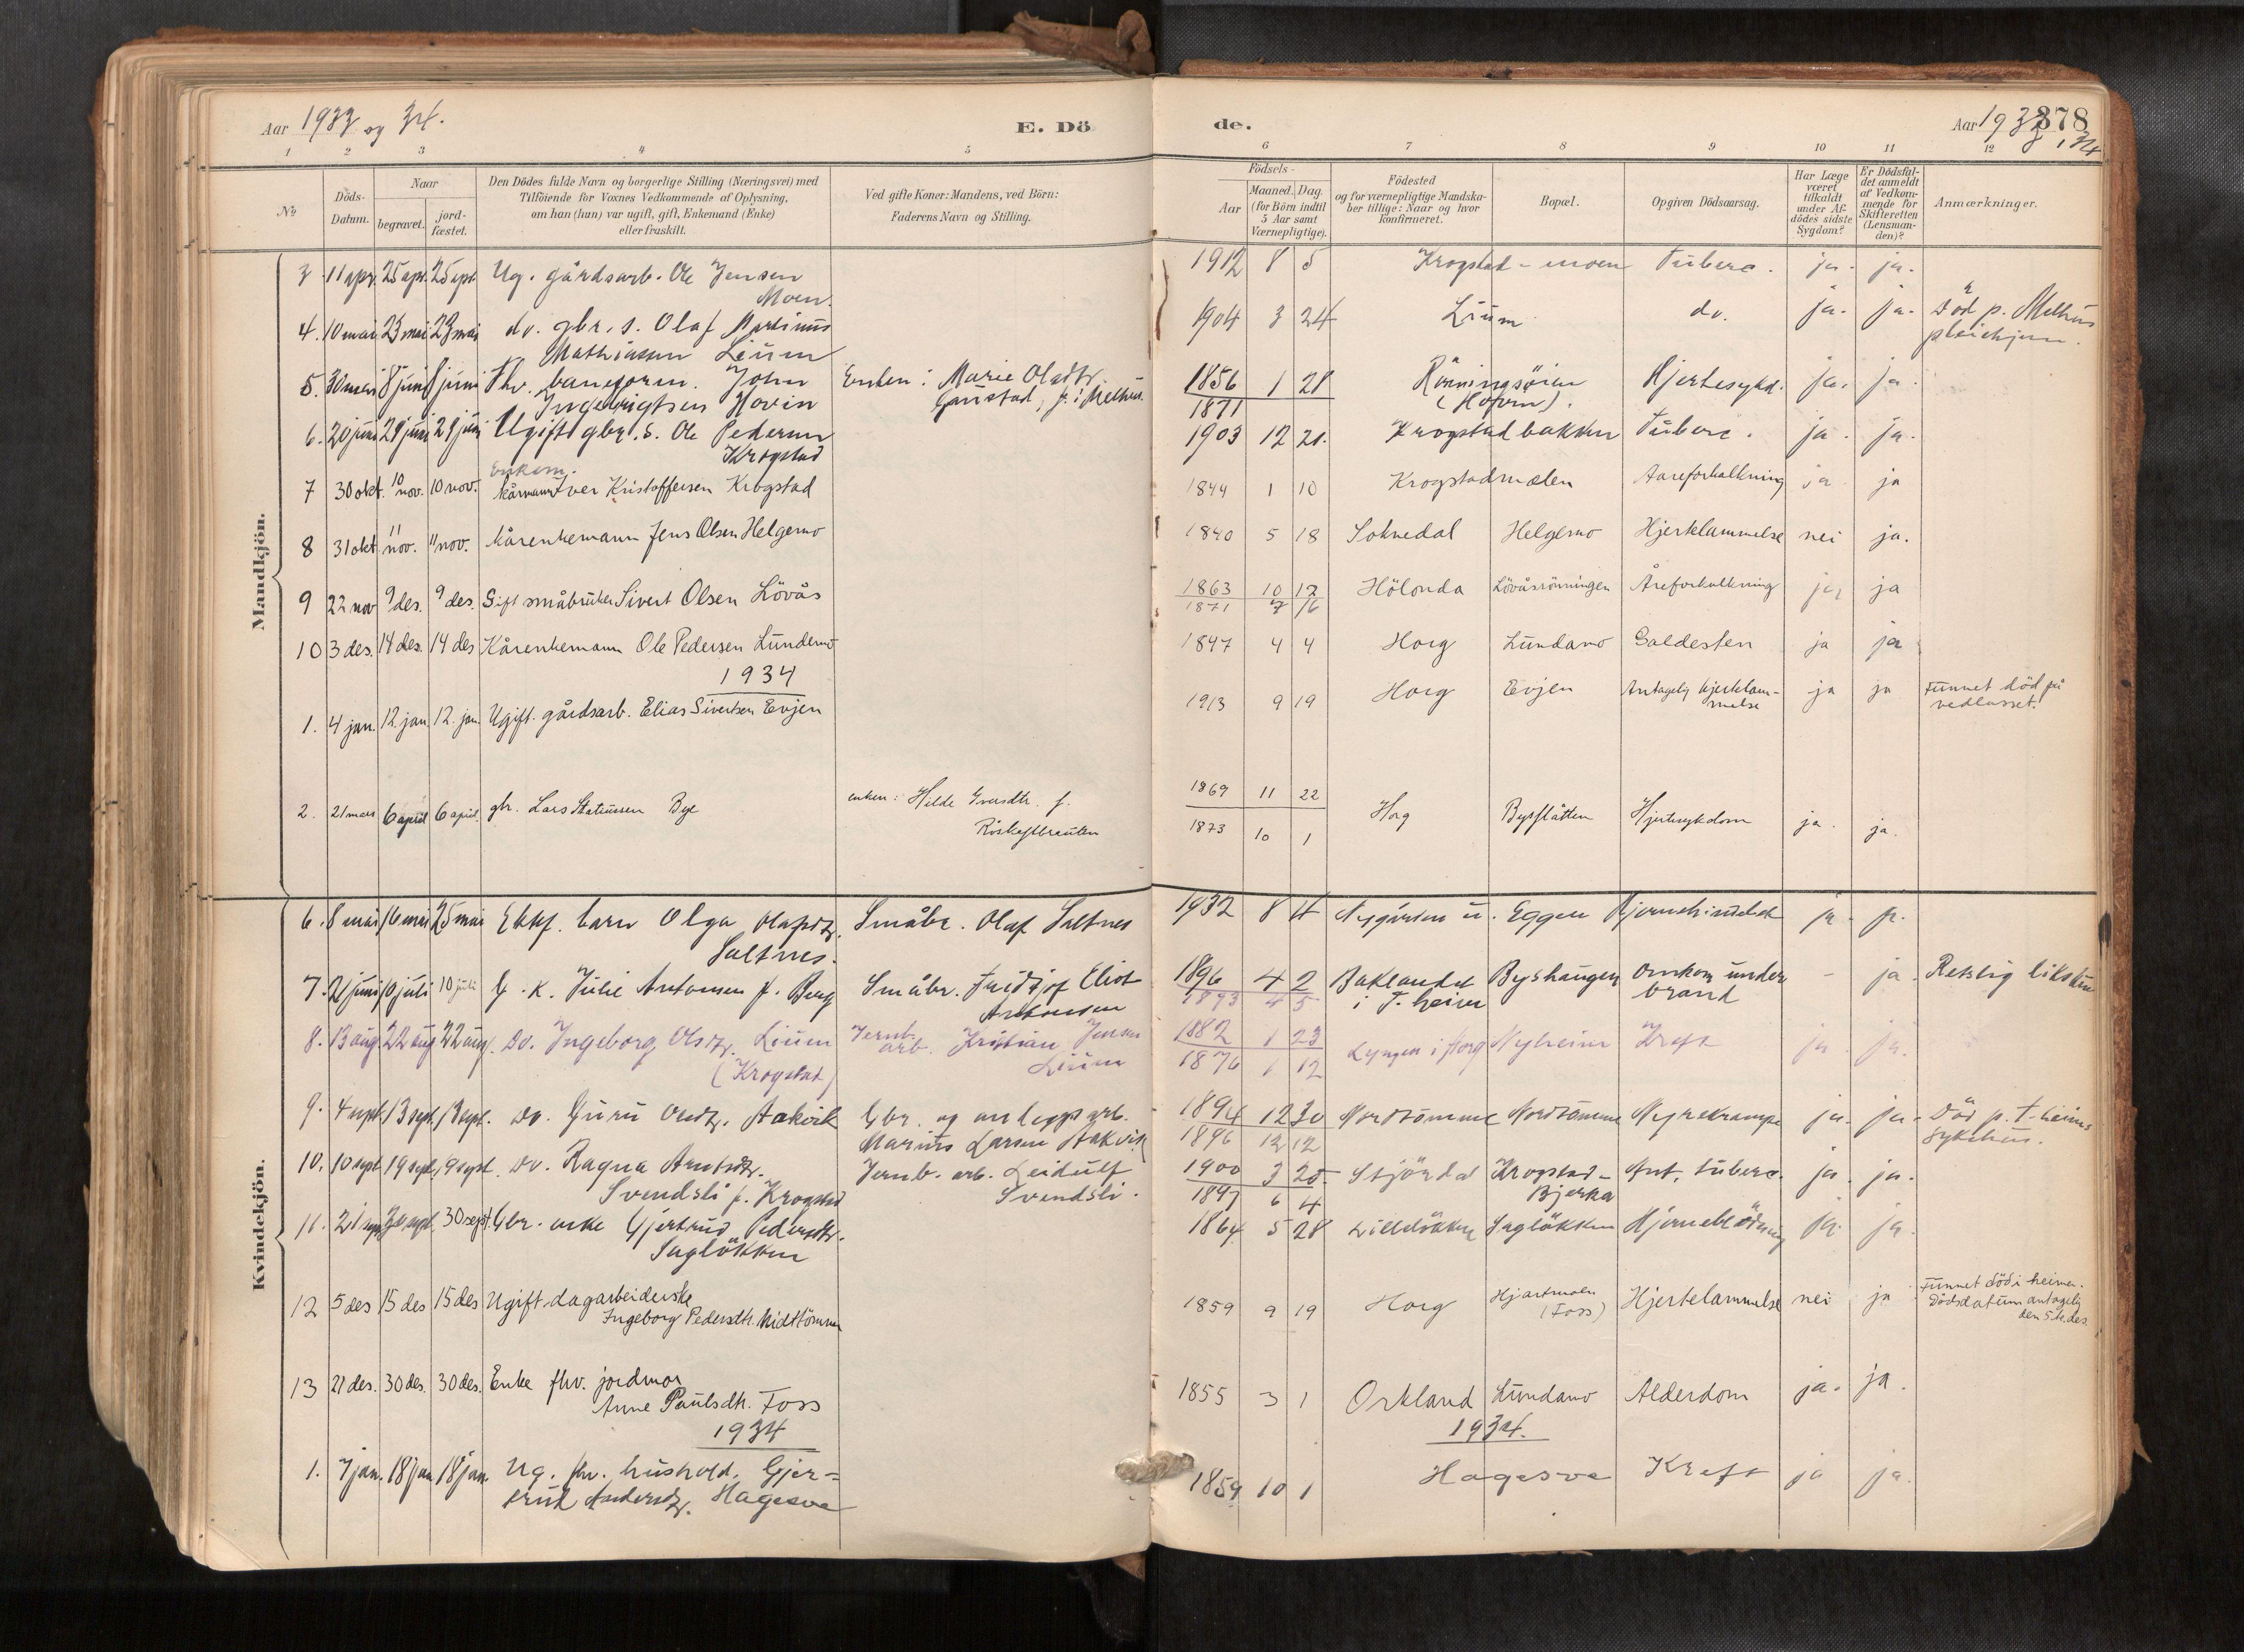 SAT, Ministerialprotokoller, klokkerbøker og fødselsregistre - Sør-Trøndelag, 692/L1105b: Ministerialbok nr. 692A06, 1891-1934, s. 378